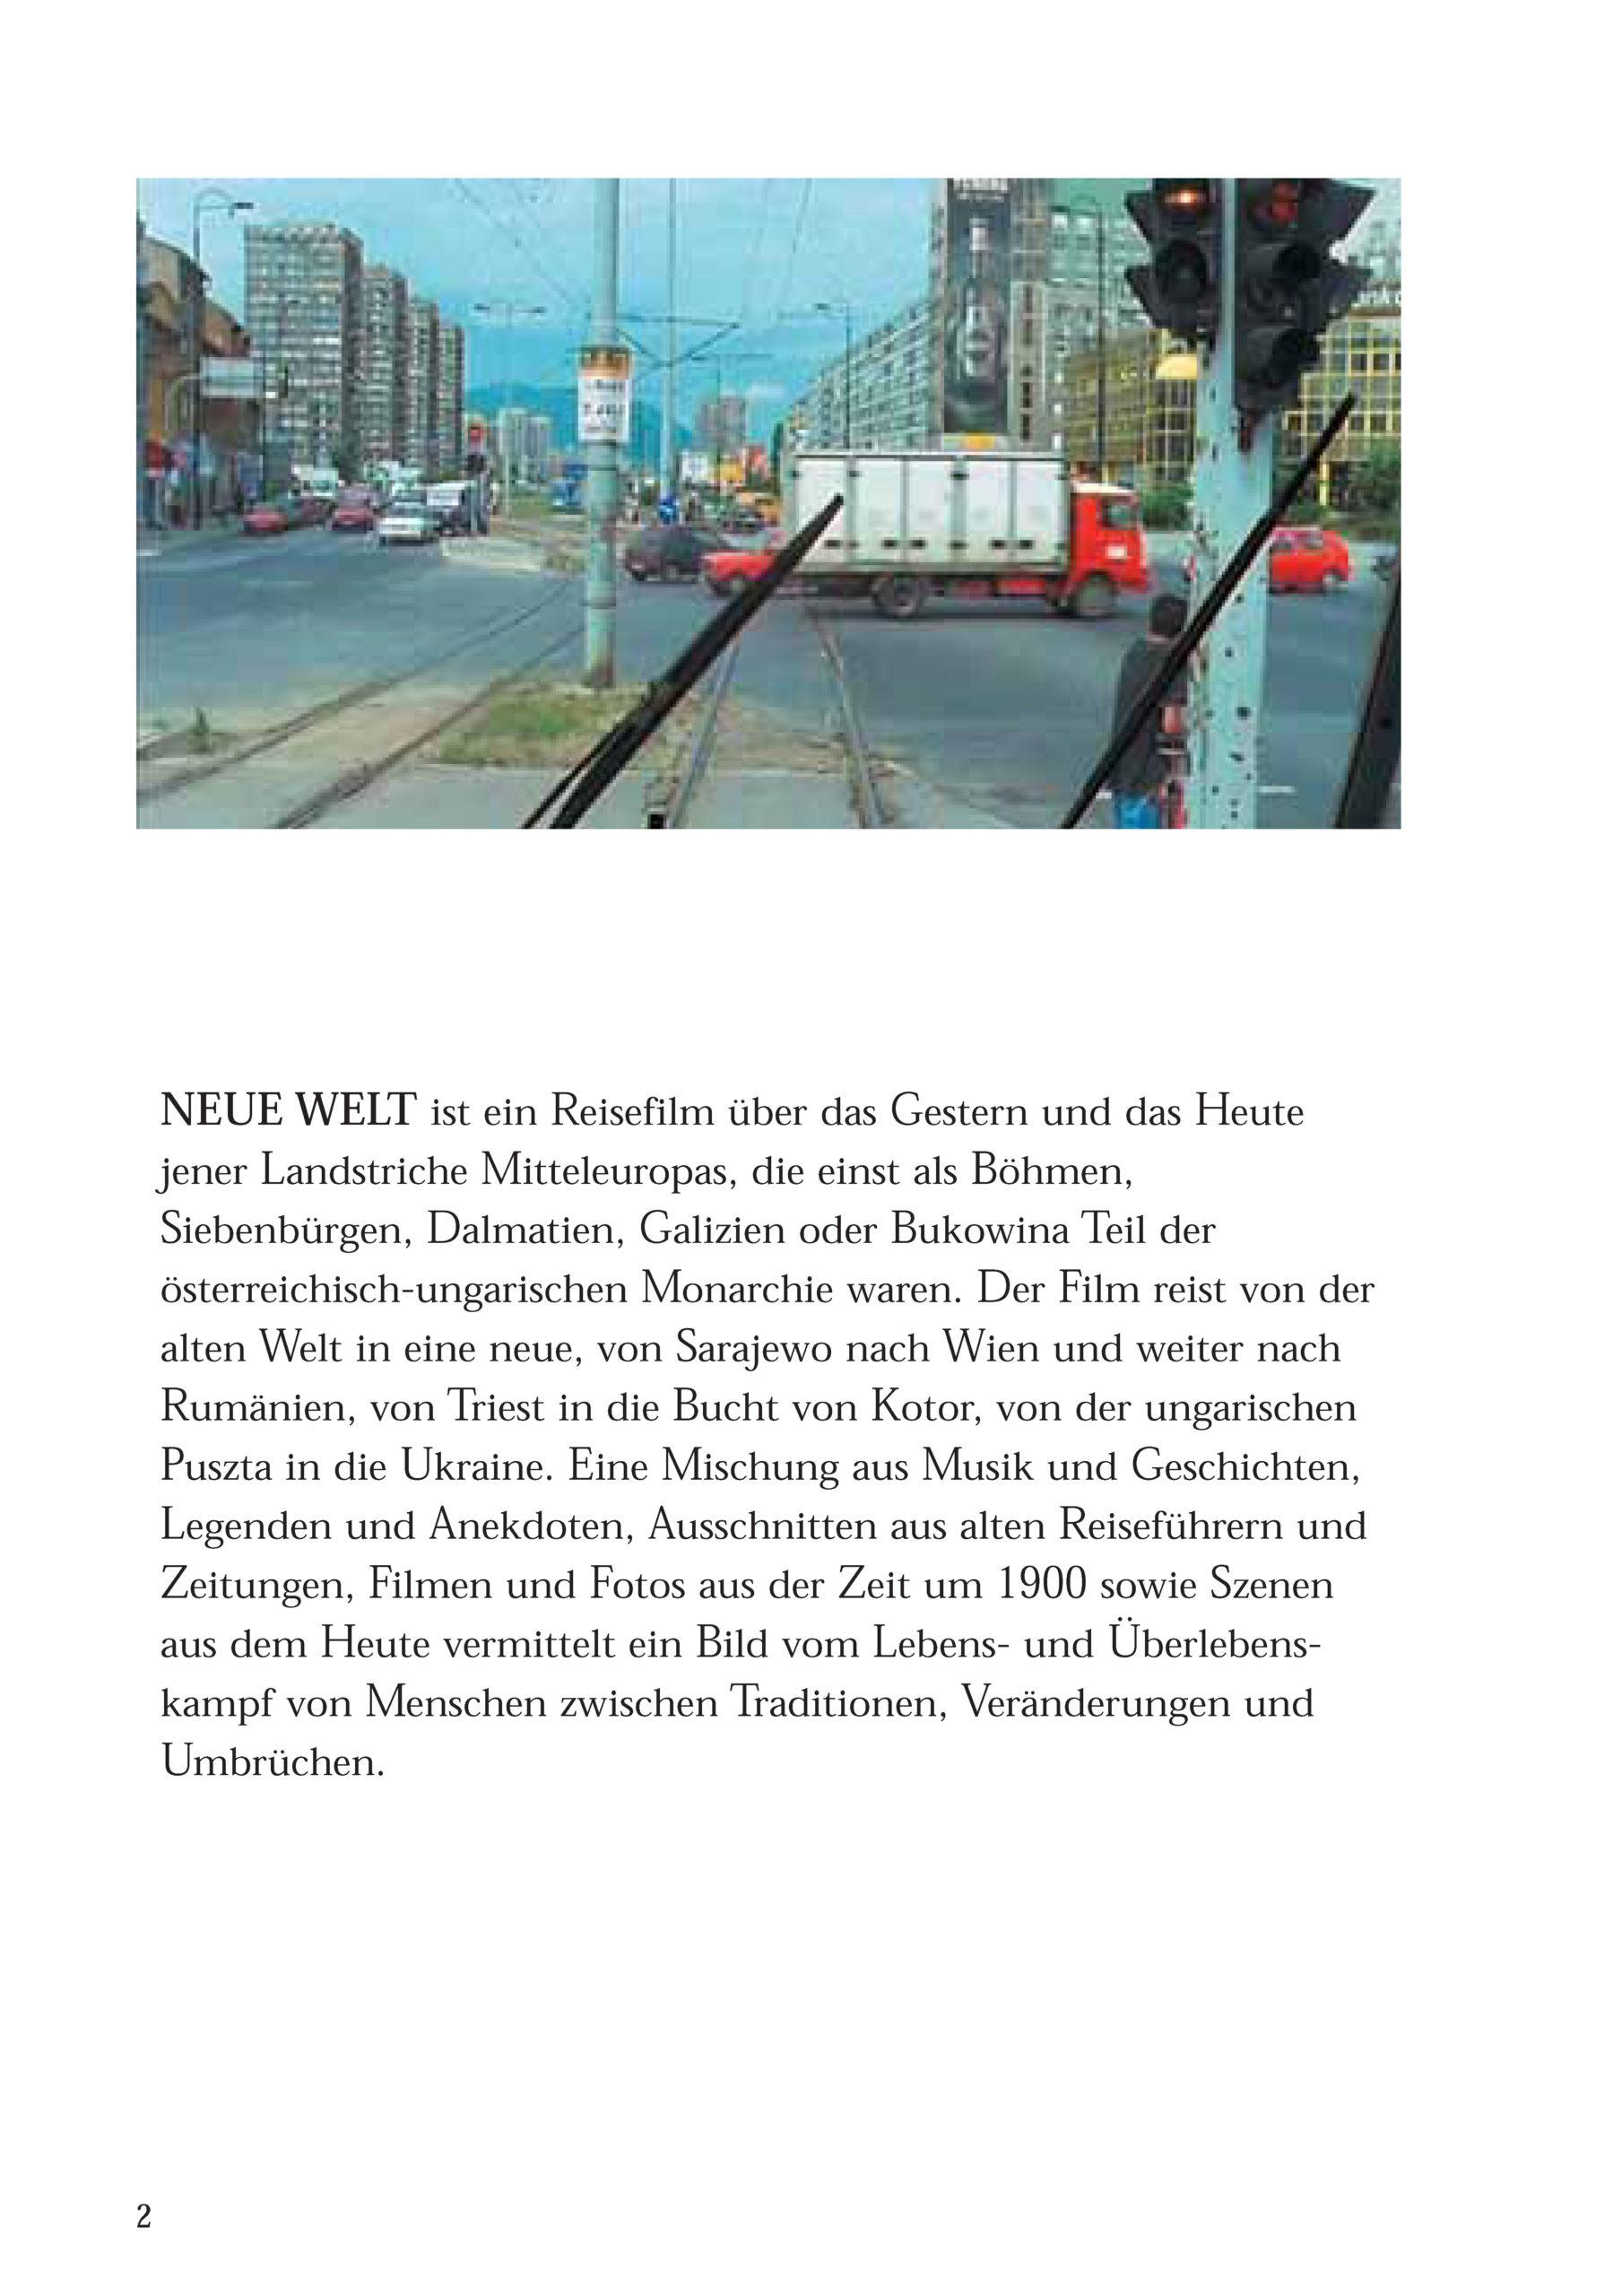 neuewelt_booklet_dvd_Seite_02